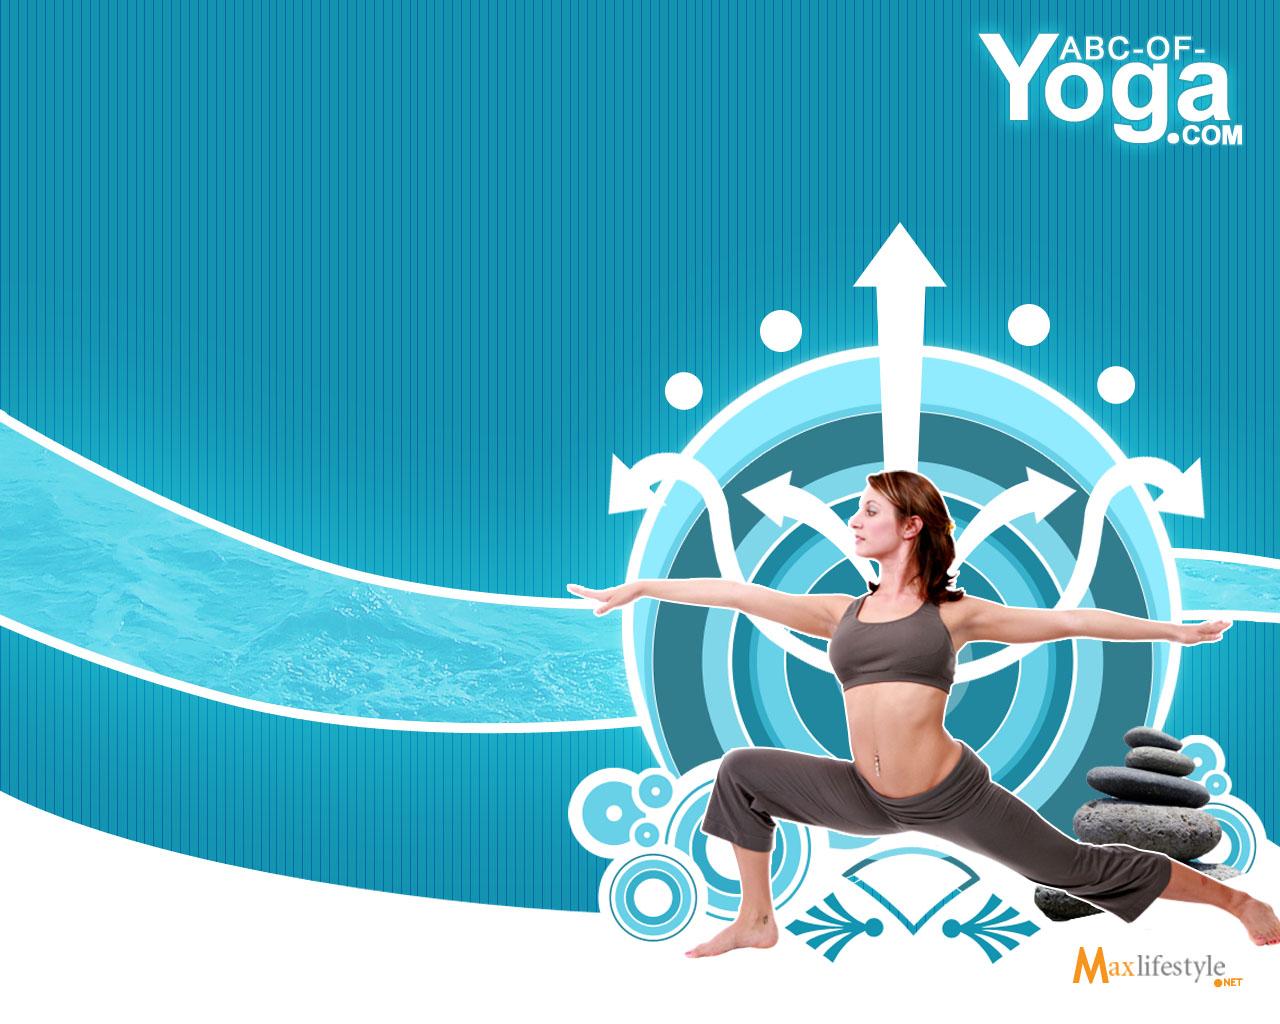 http://2.bp.blogspot.com/_NYX6vK-FEug/S9XaWVFBr0I/AAAAAAAAAFQ/akmSCXNNS1A/s1600/flexible-woman-sexy-body-wallpaper2.jpg